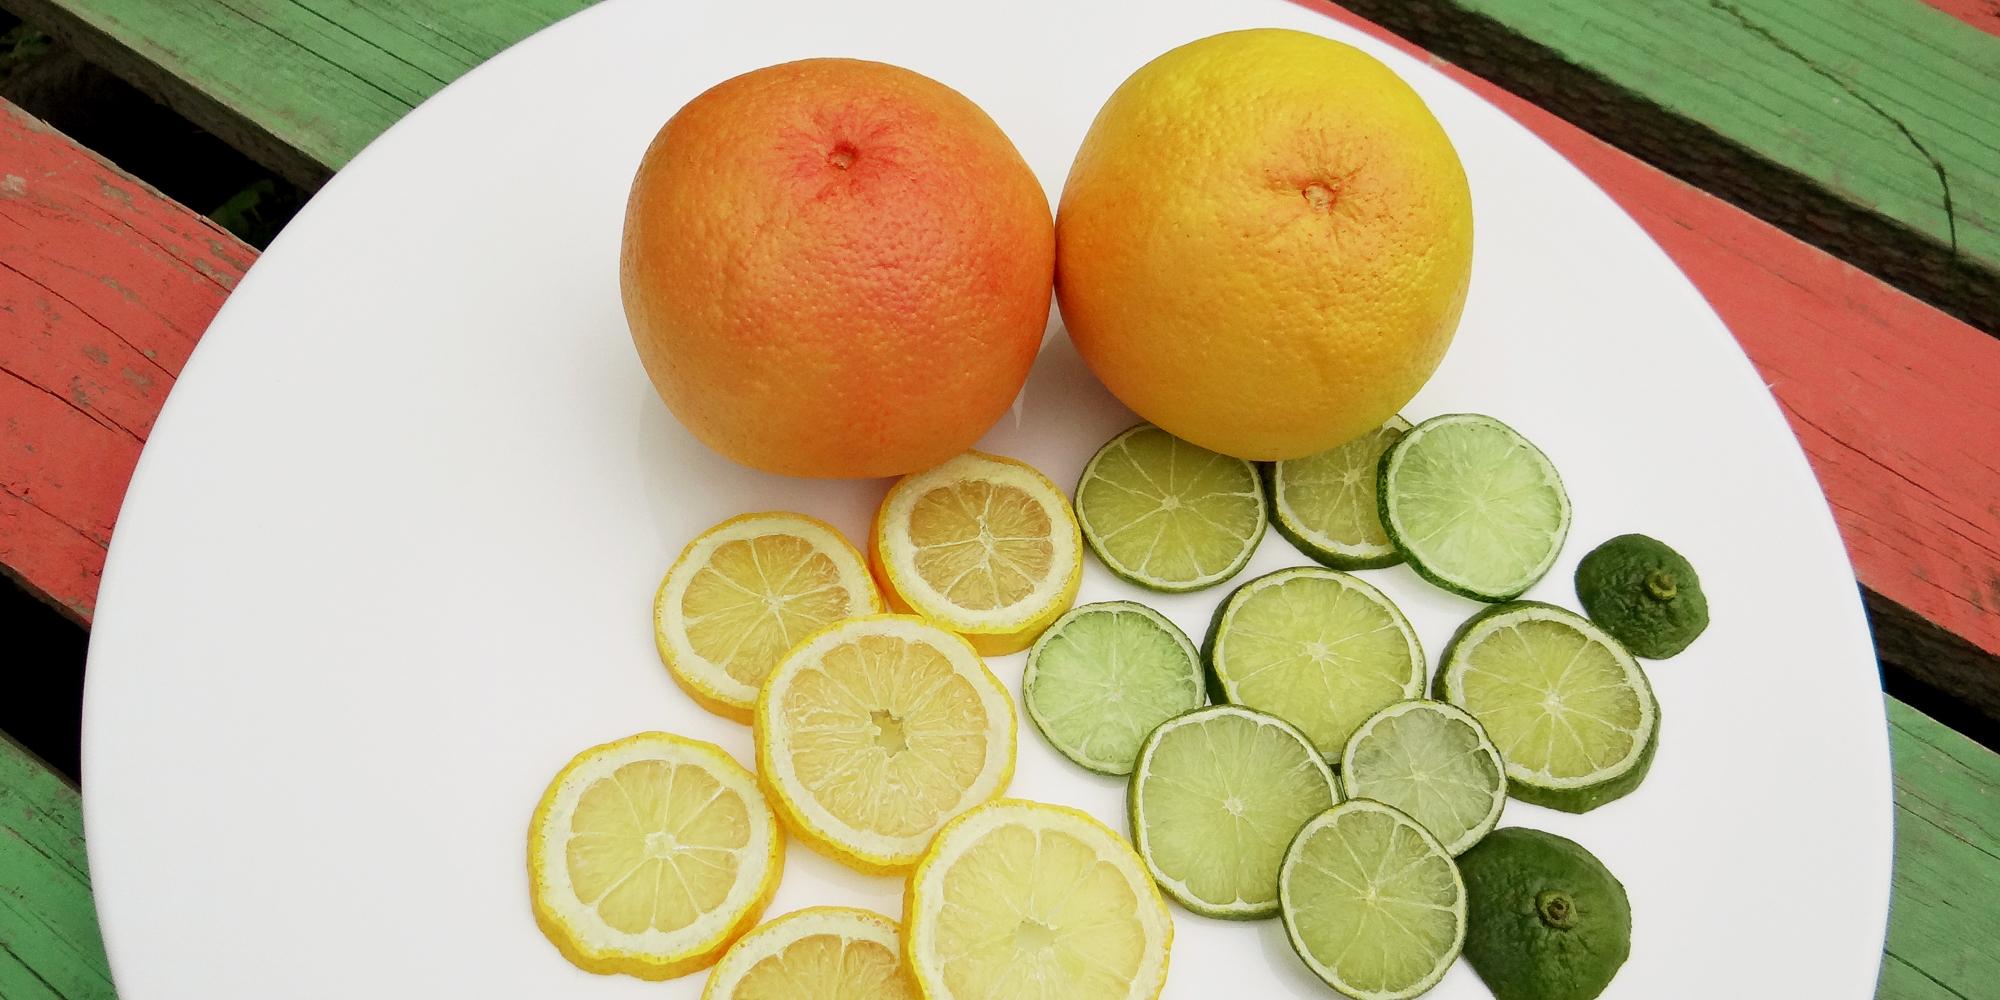 pamplemousses et rondelles d'agrumes - citrons et citrons verts factices